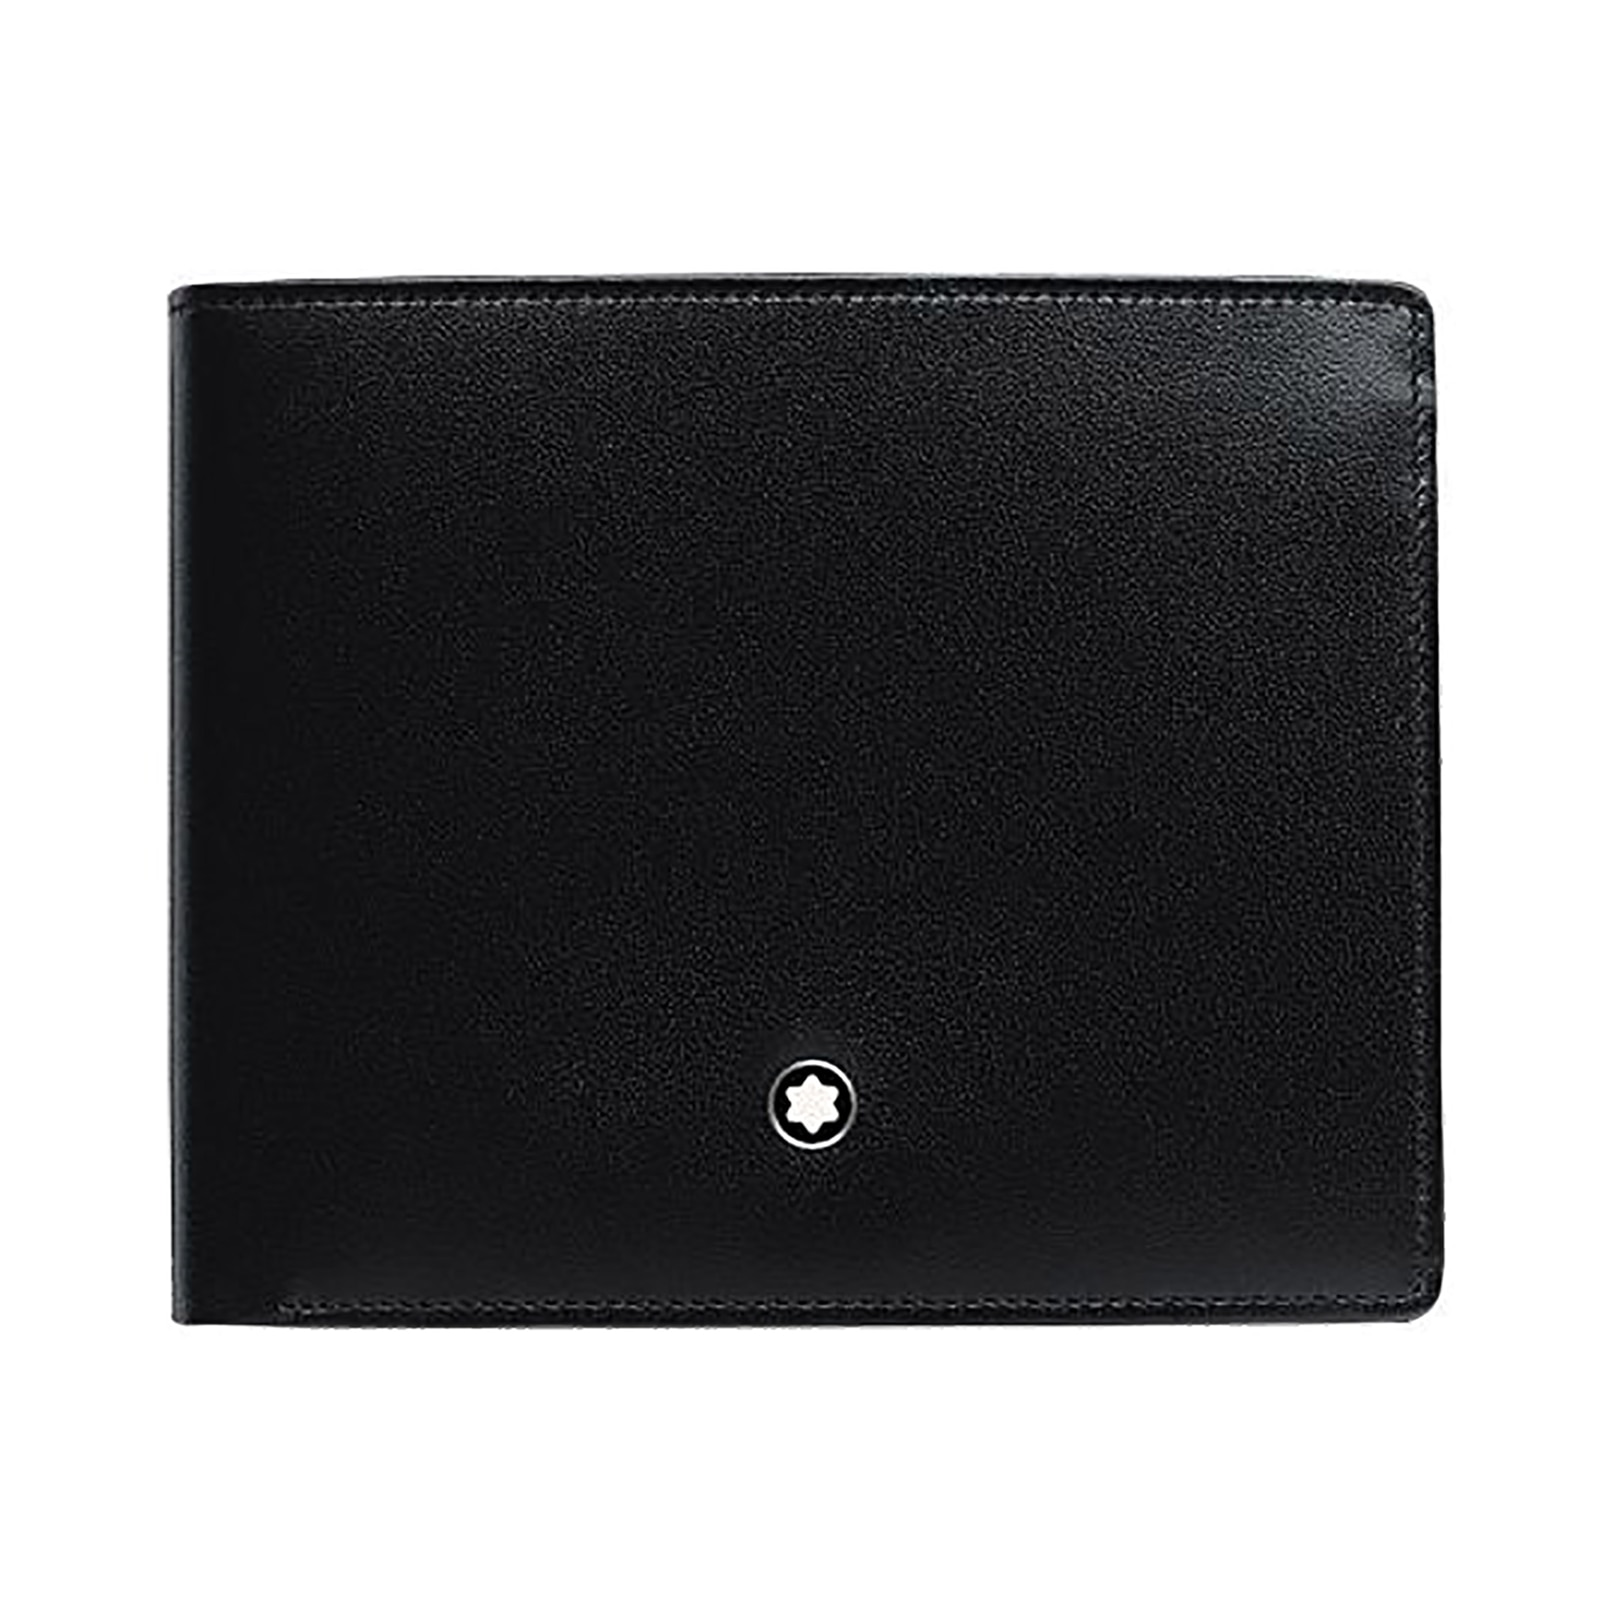 Montblanc Meisterstück Black Leather 6CC Wallet